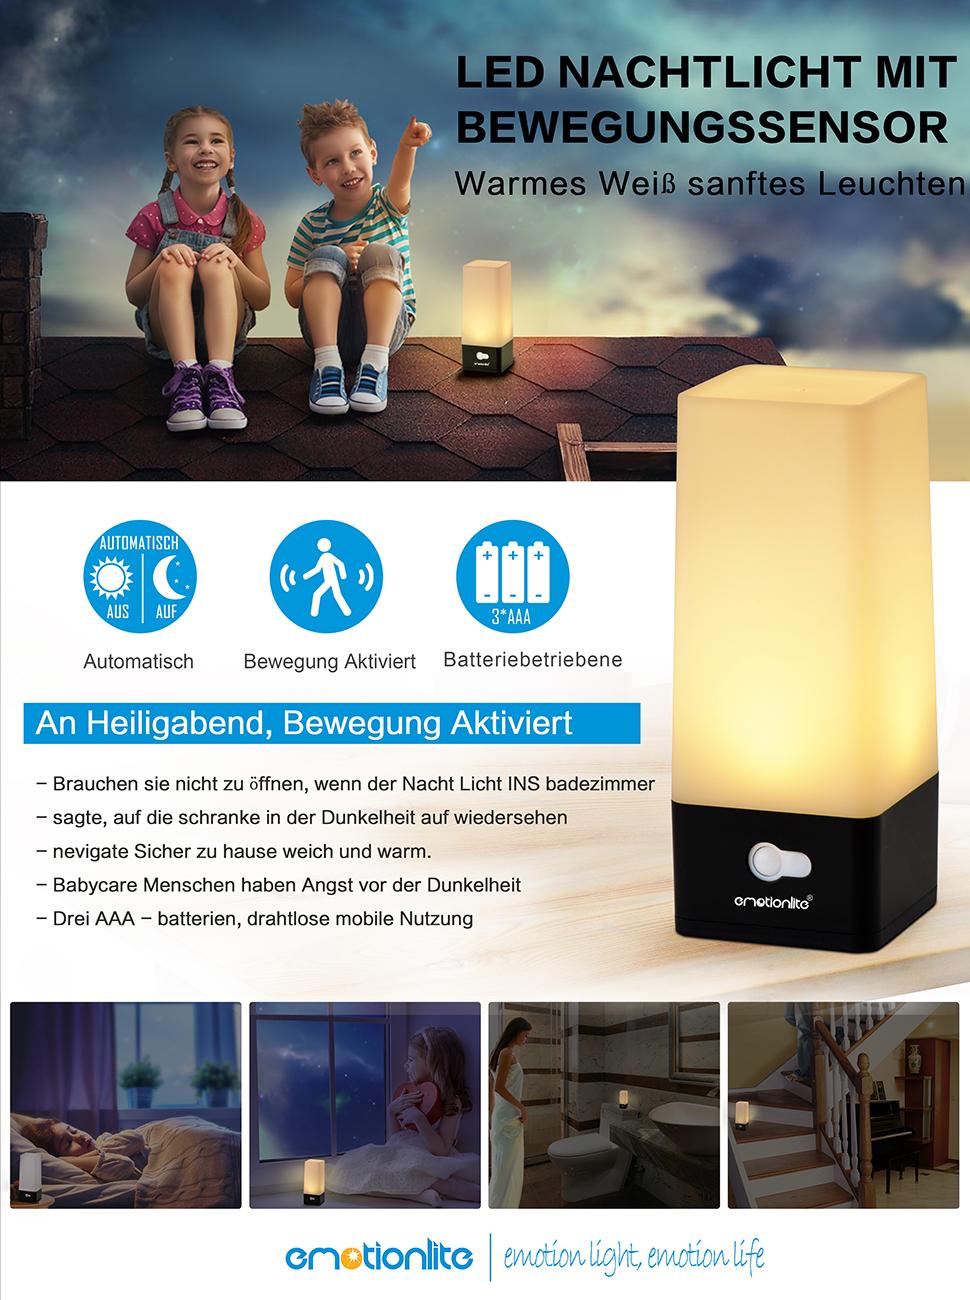 emotionlite led nachtlicht mit bewegungssensor und d mmerungssensor batterie enthalten. Black Bedroom Furniture Sets. Home Design Ideas